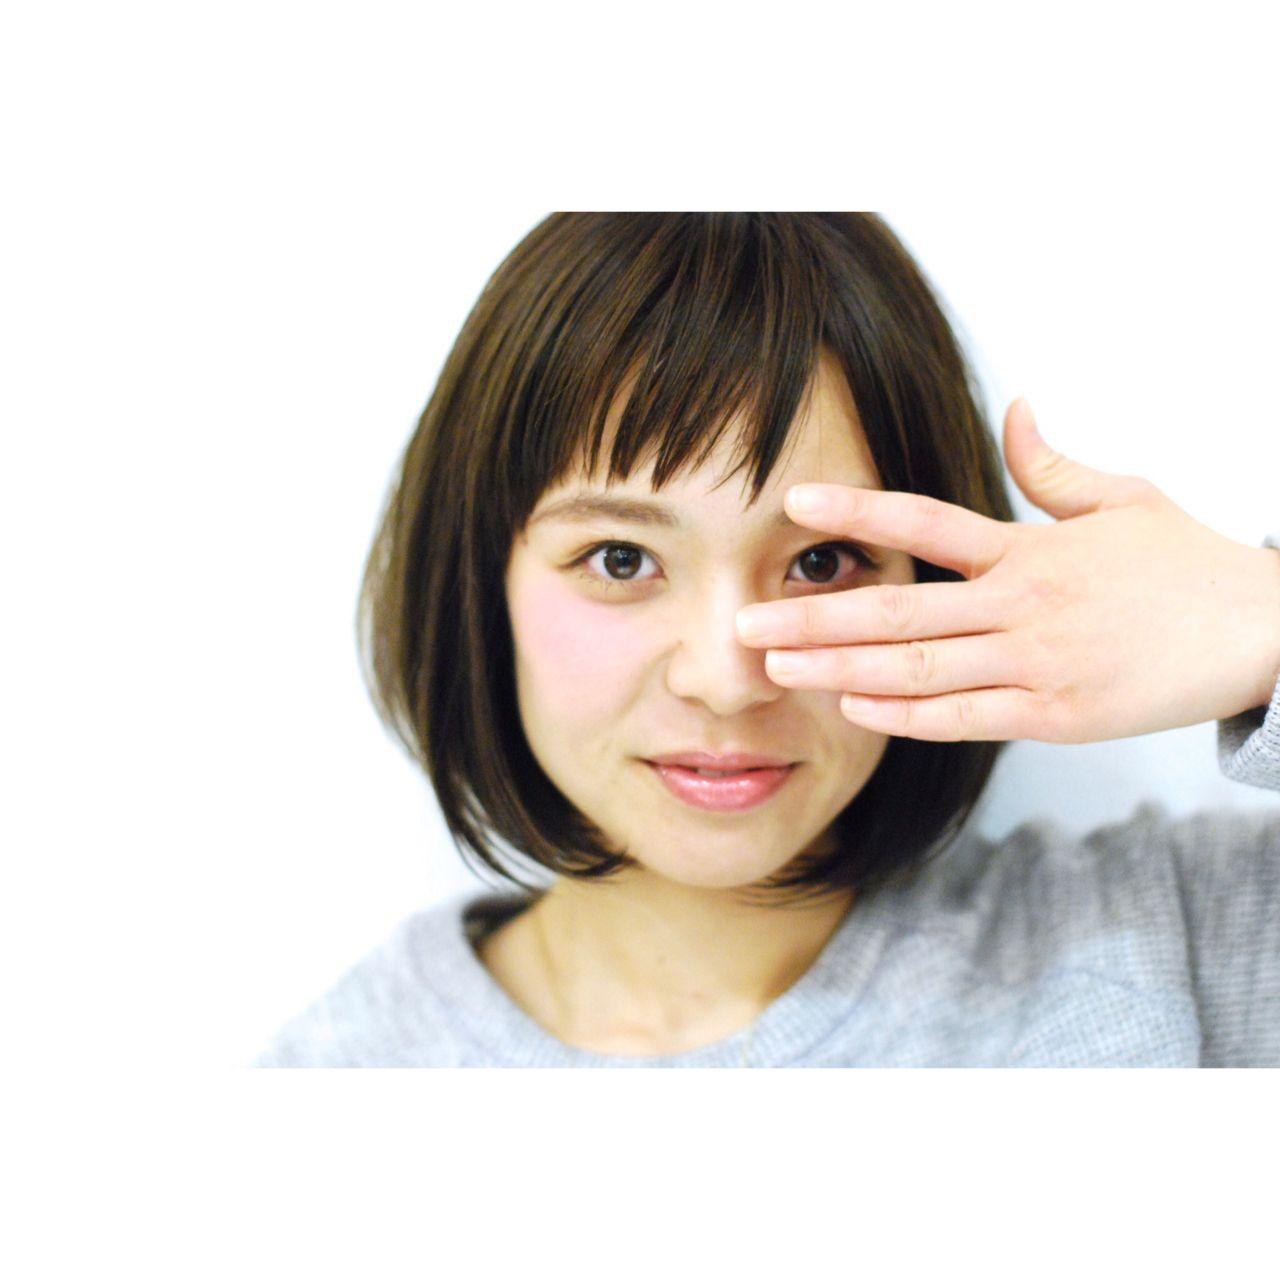 ナチュラル ショート ボブ 暗髪 ヘアスタイルや髪型の写真・画像 | 長 賢太郎 / ky-go